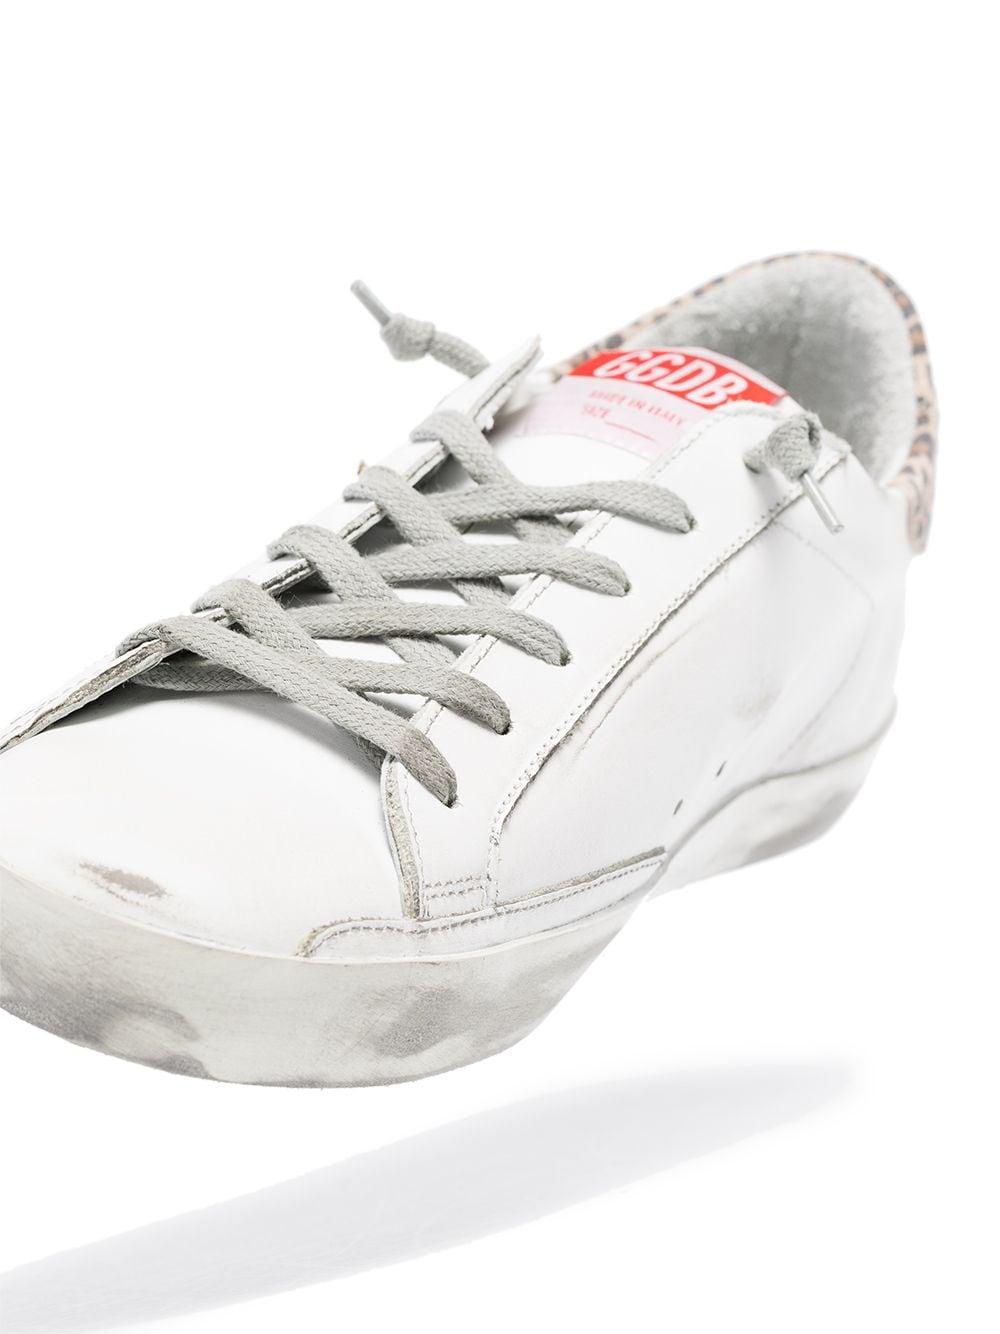 Picture of Golden Goose Deluxe Brand   Superstar Sneakers